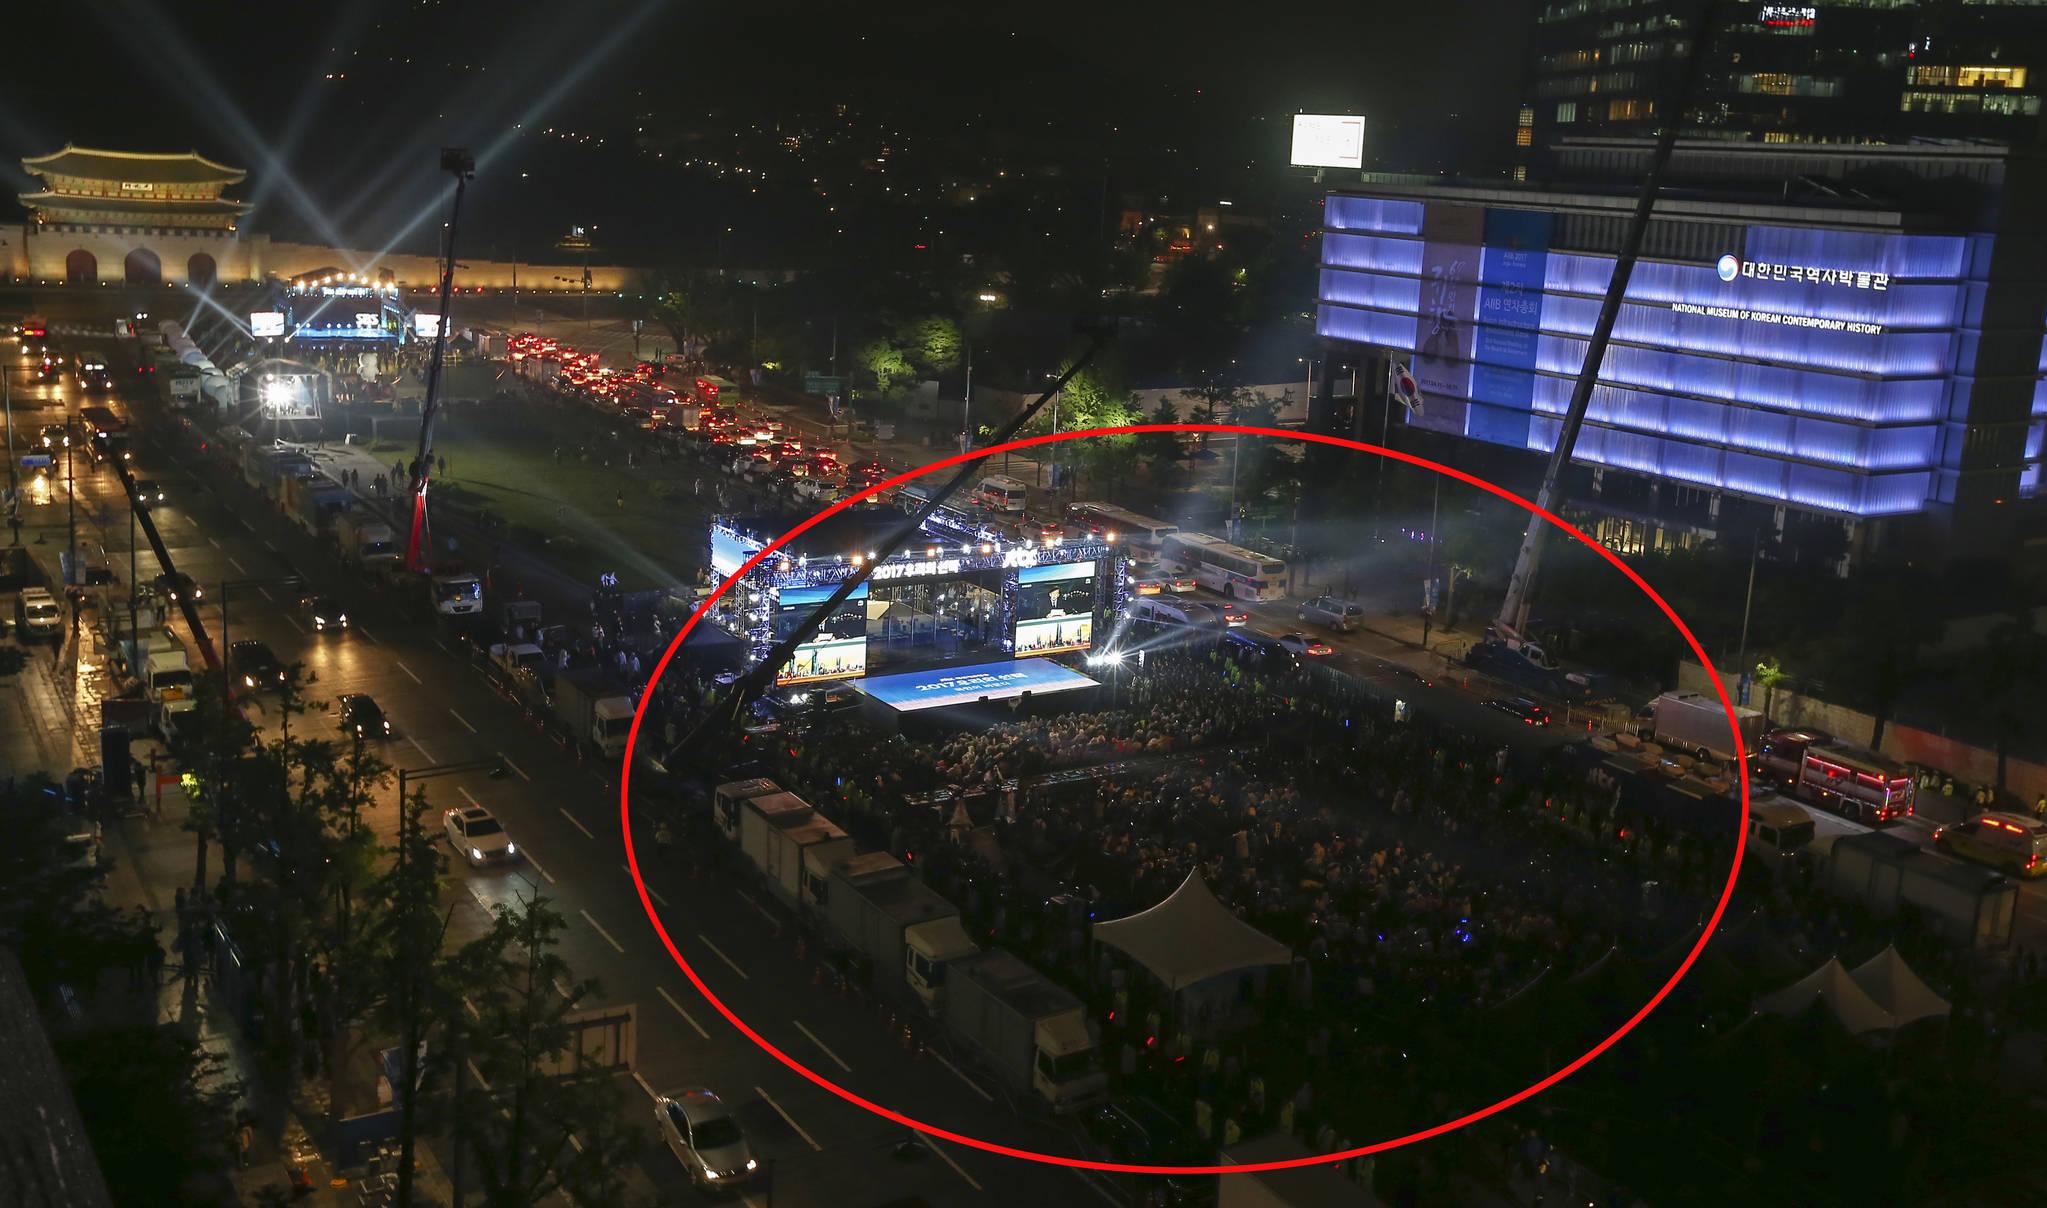 9일 오후 8시 30분 서울 광화문광장에서 시민들이 JTBC방송사의 개표방송을 지켜보고 있다. 임현동 기자